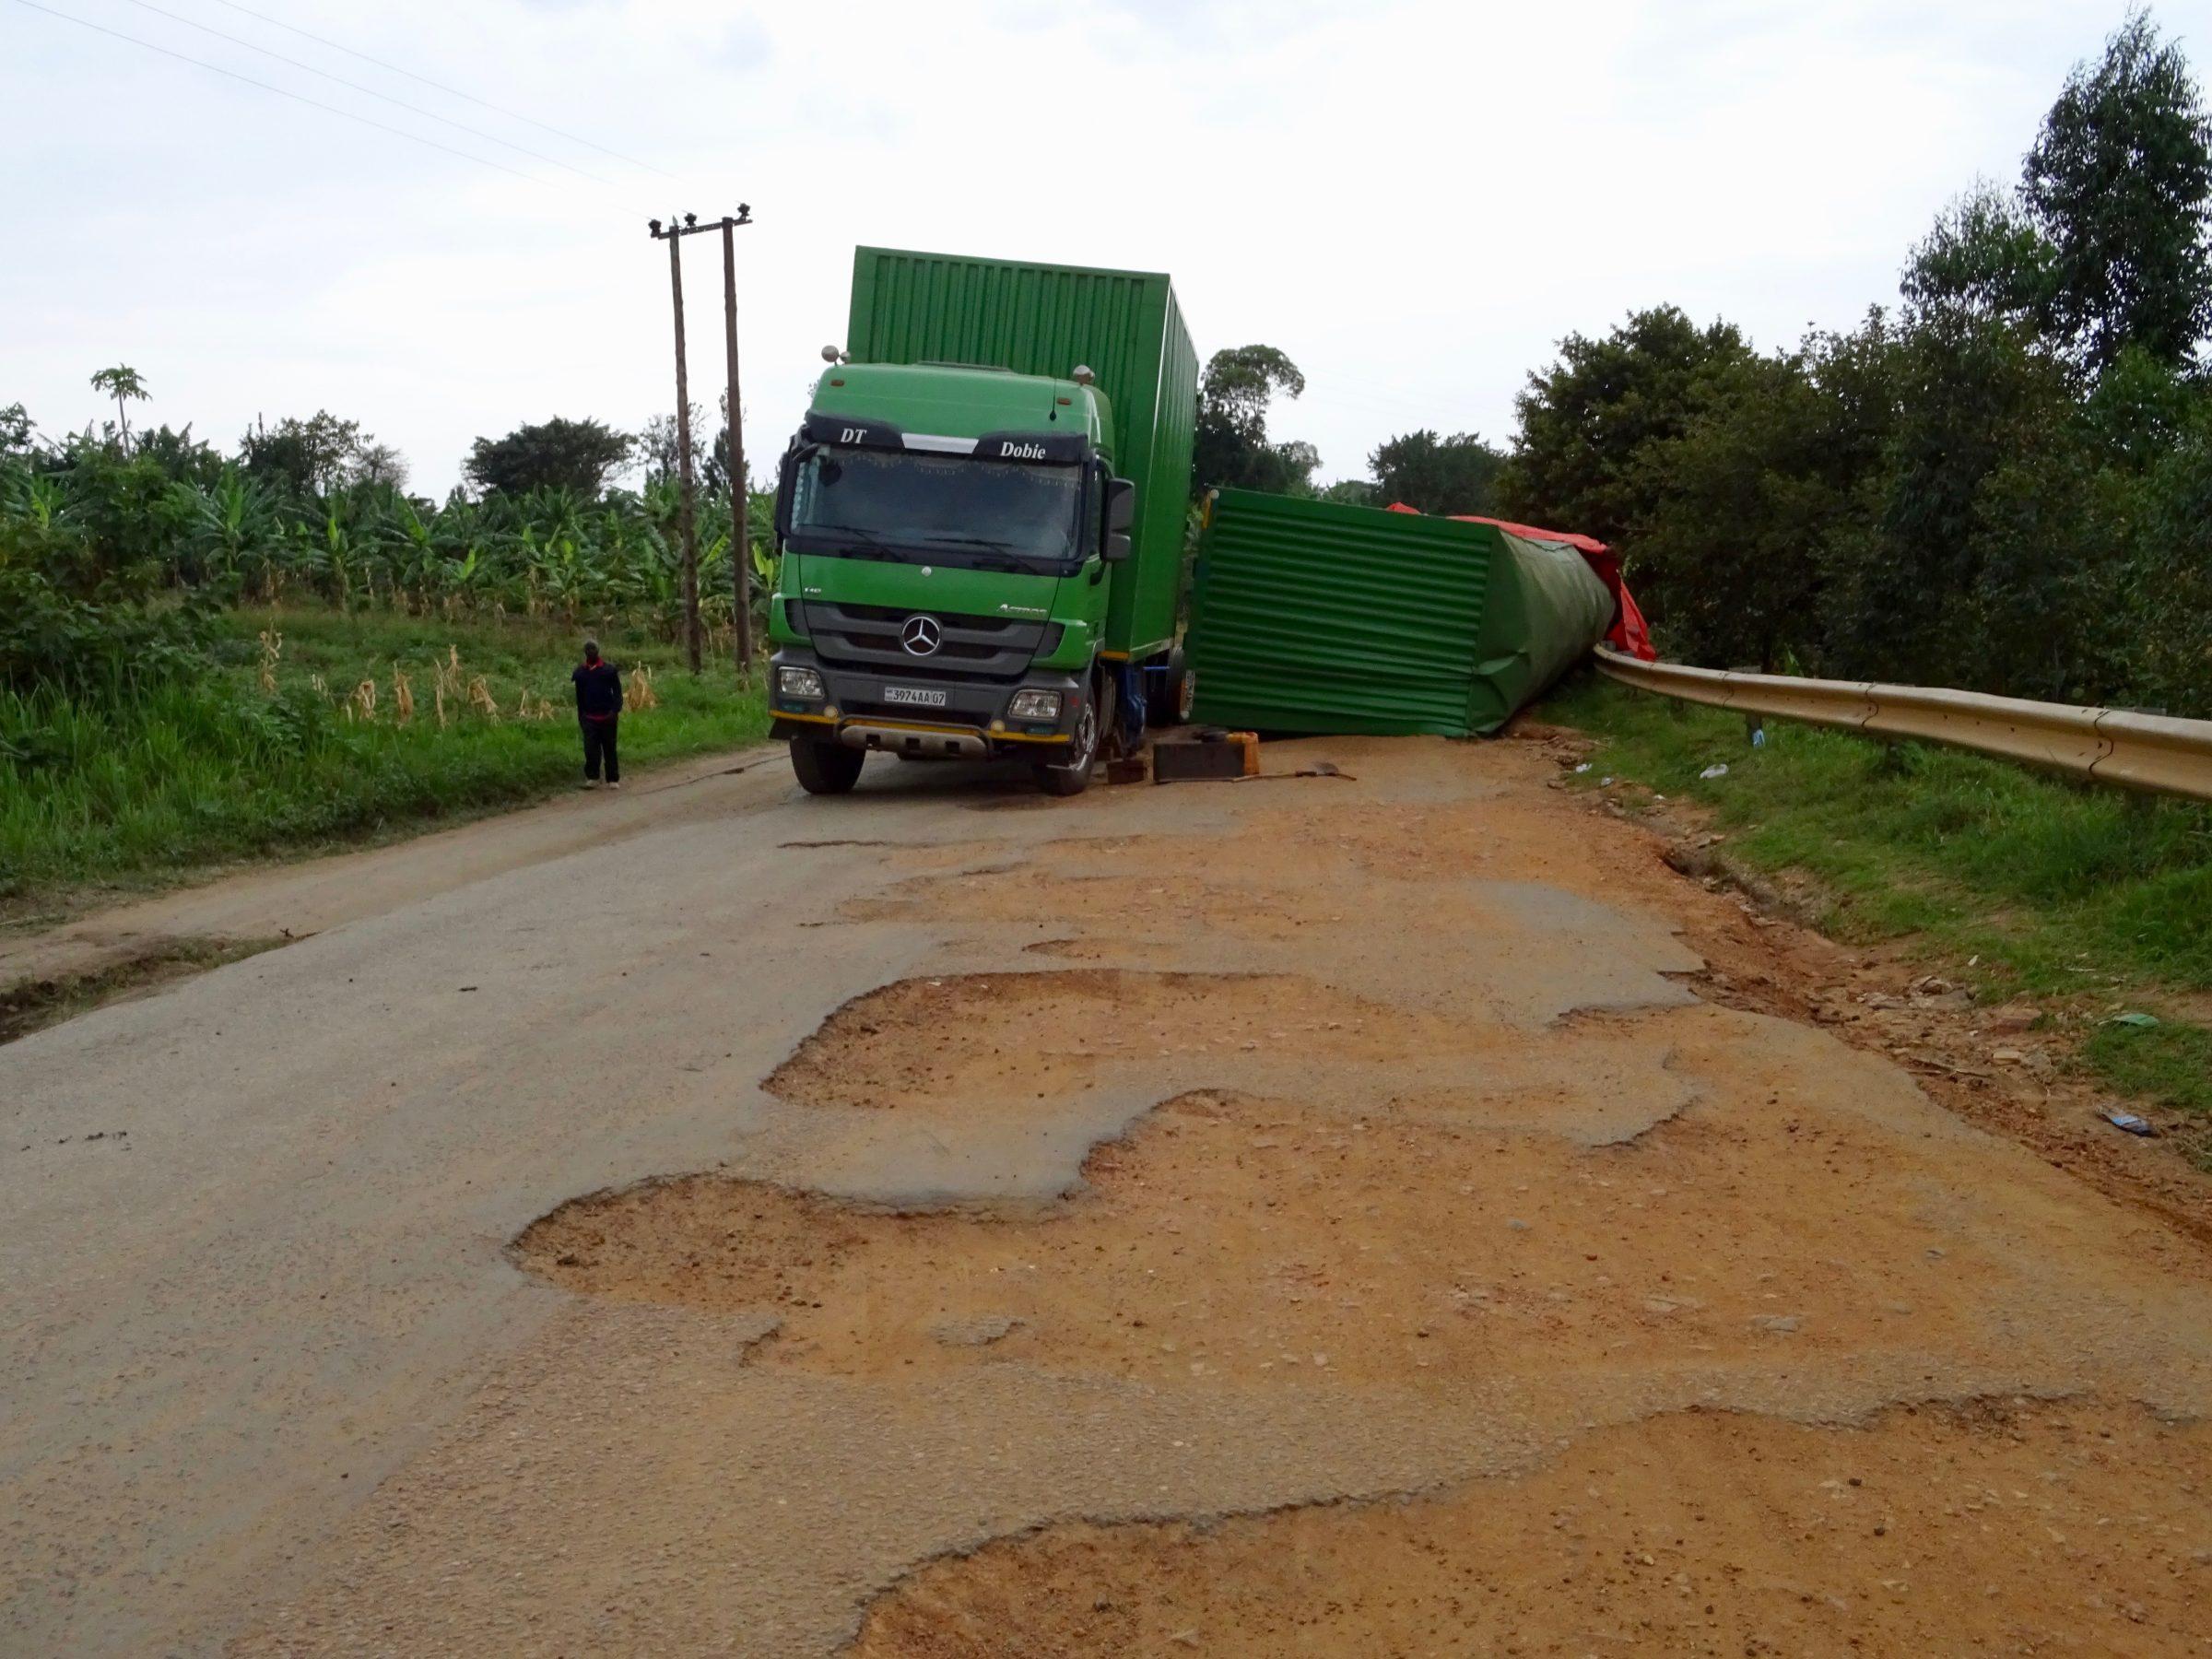 Indrukwekkende gaten in de weg en een geschaarde truck nabij Queen Elizabeth NP